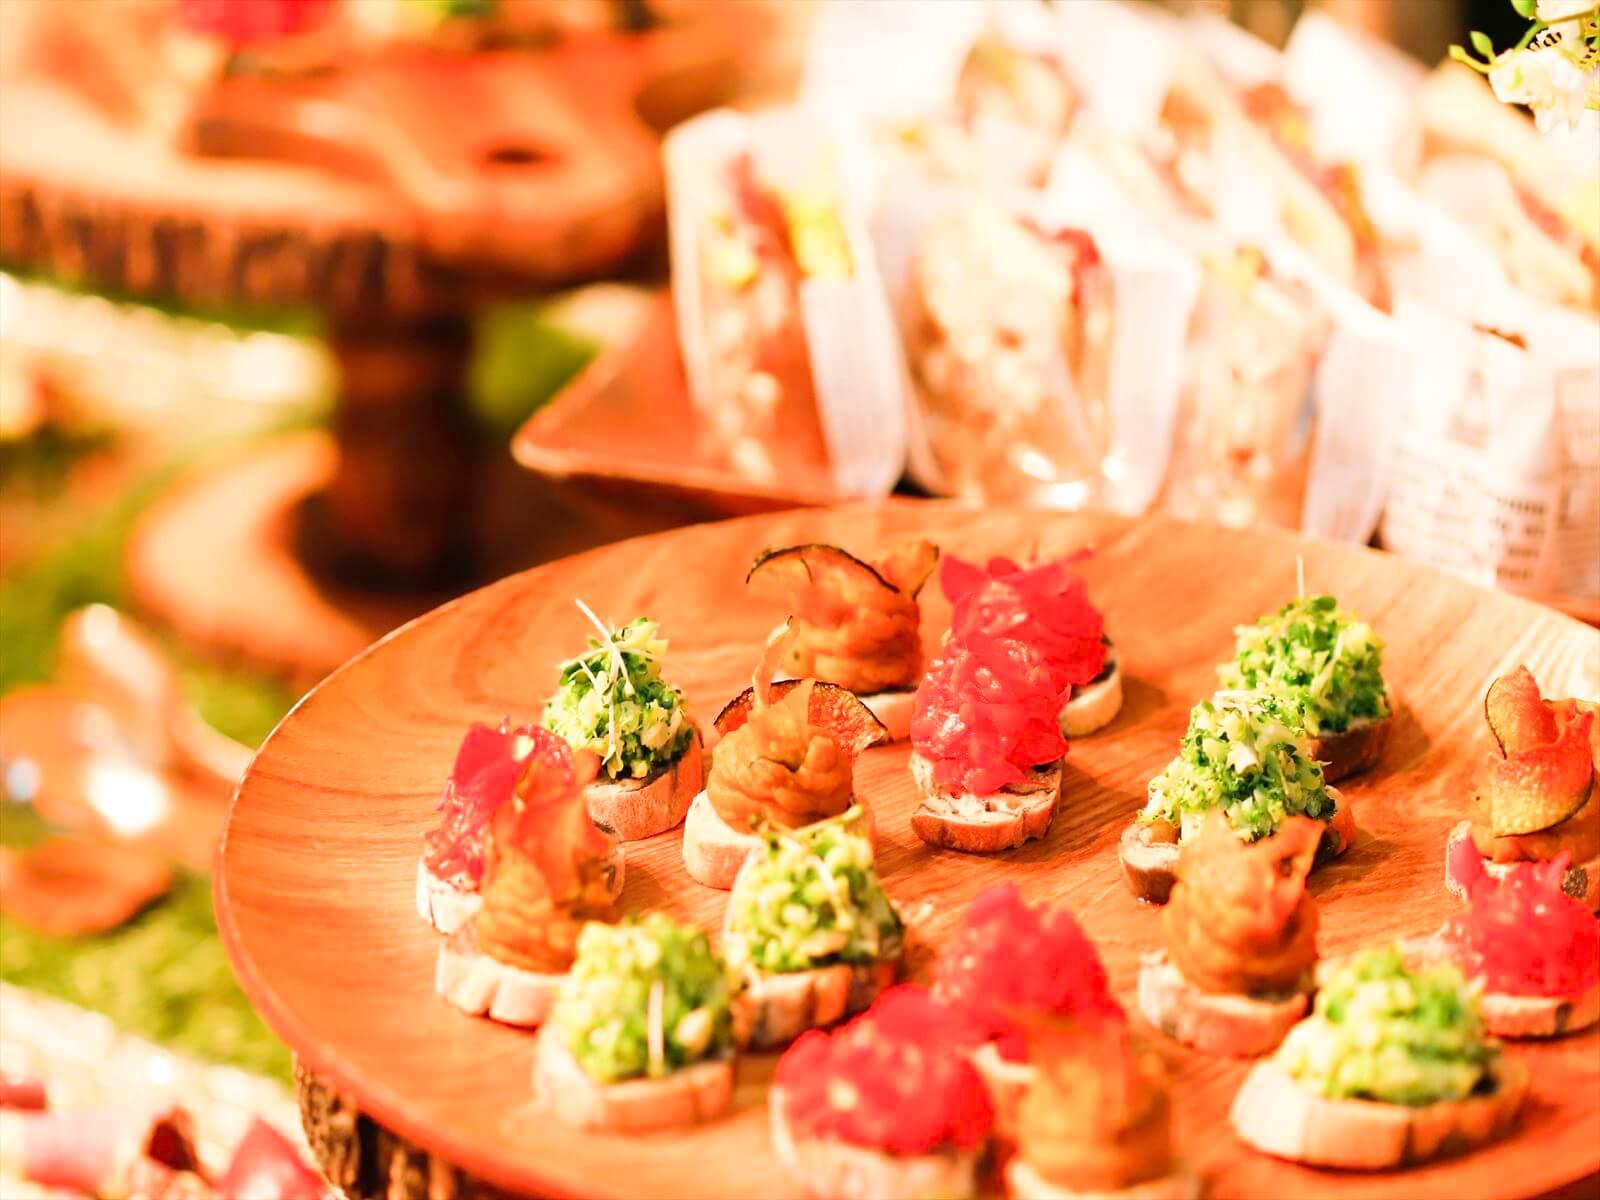 【ビュッフェ・立食】洋食中心!フォリクラッセの立食お手軽ケータリングプラン画像1